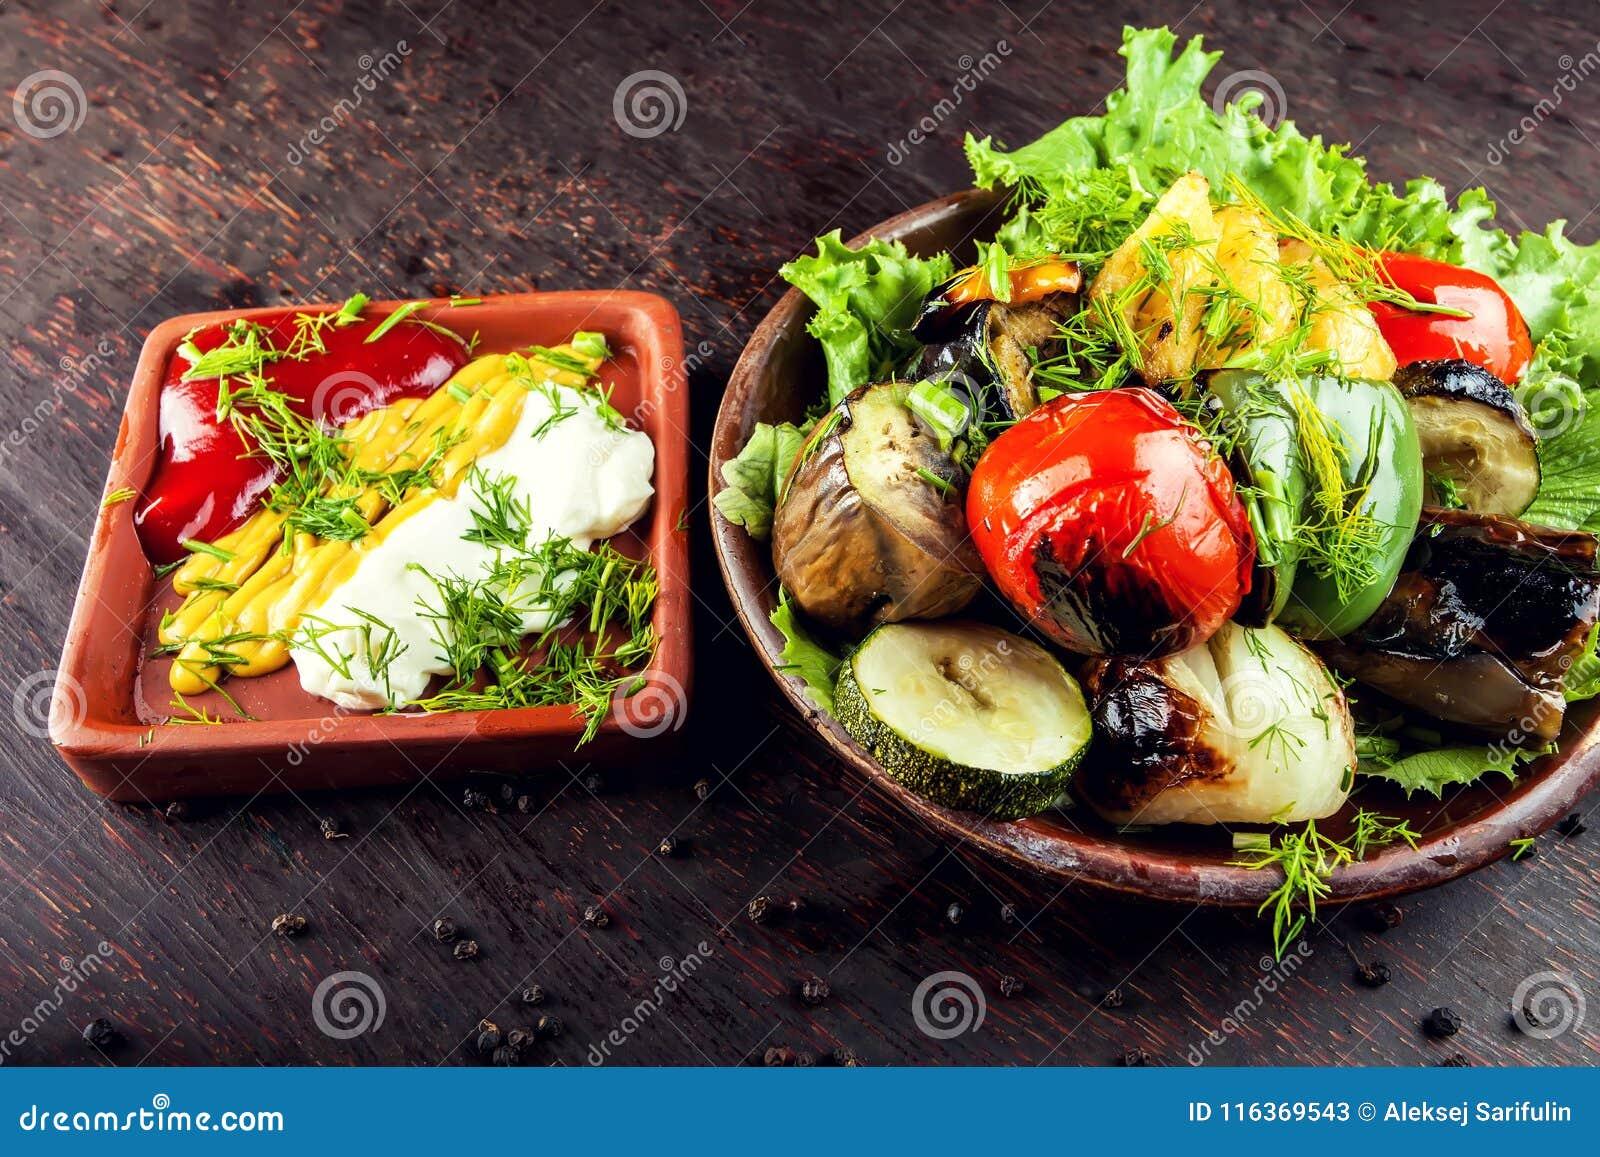 Grandi pezzi di verdure arrostite differenti, primo piano